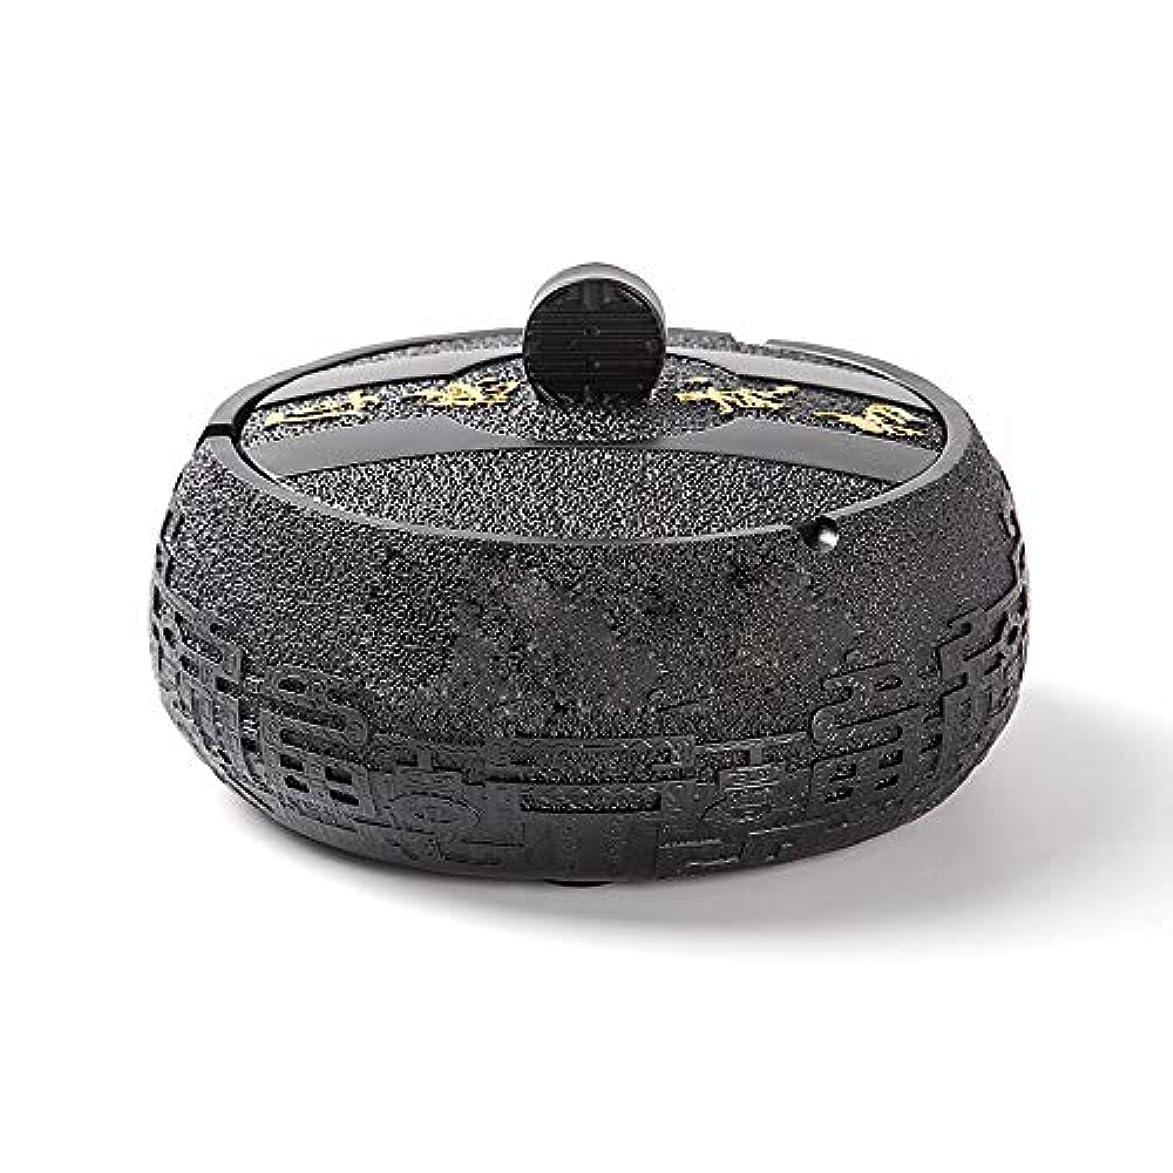 形式熟した細いタバコ、ギフトおよび総本店の装飾のための円形の光沢のある環境に優しい樹脂の灰皿 (色 : 黒)